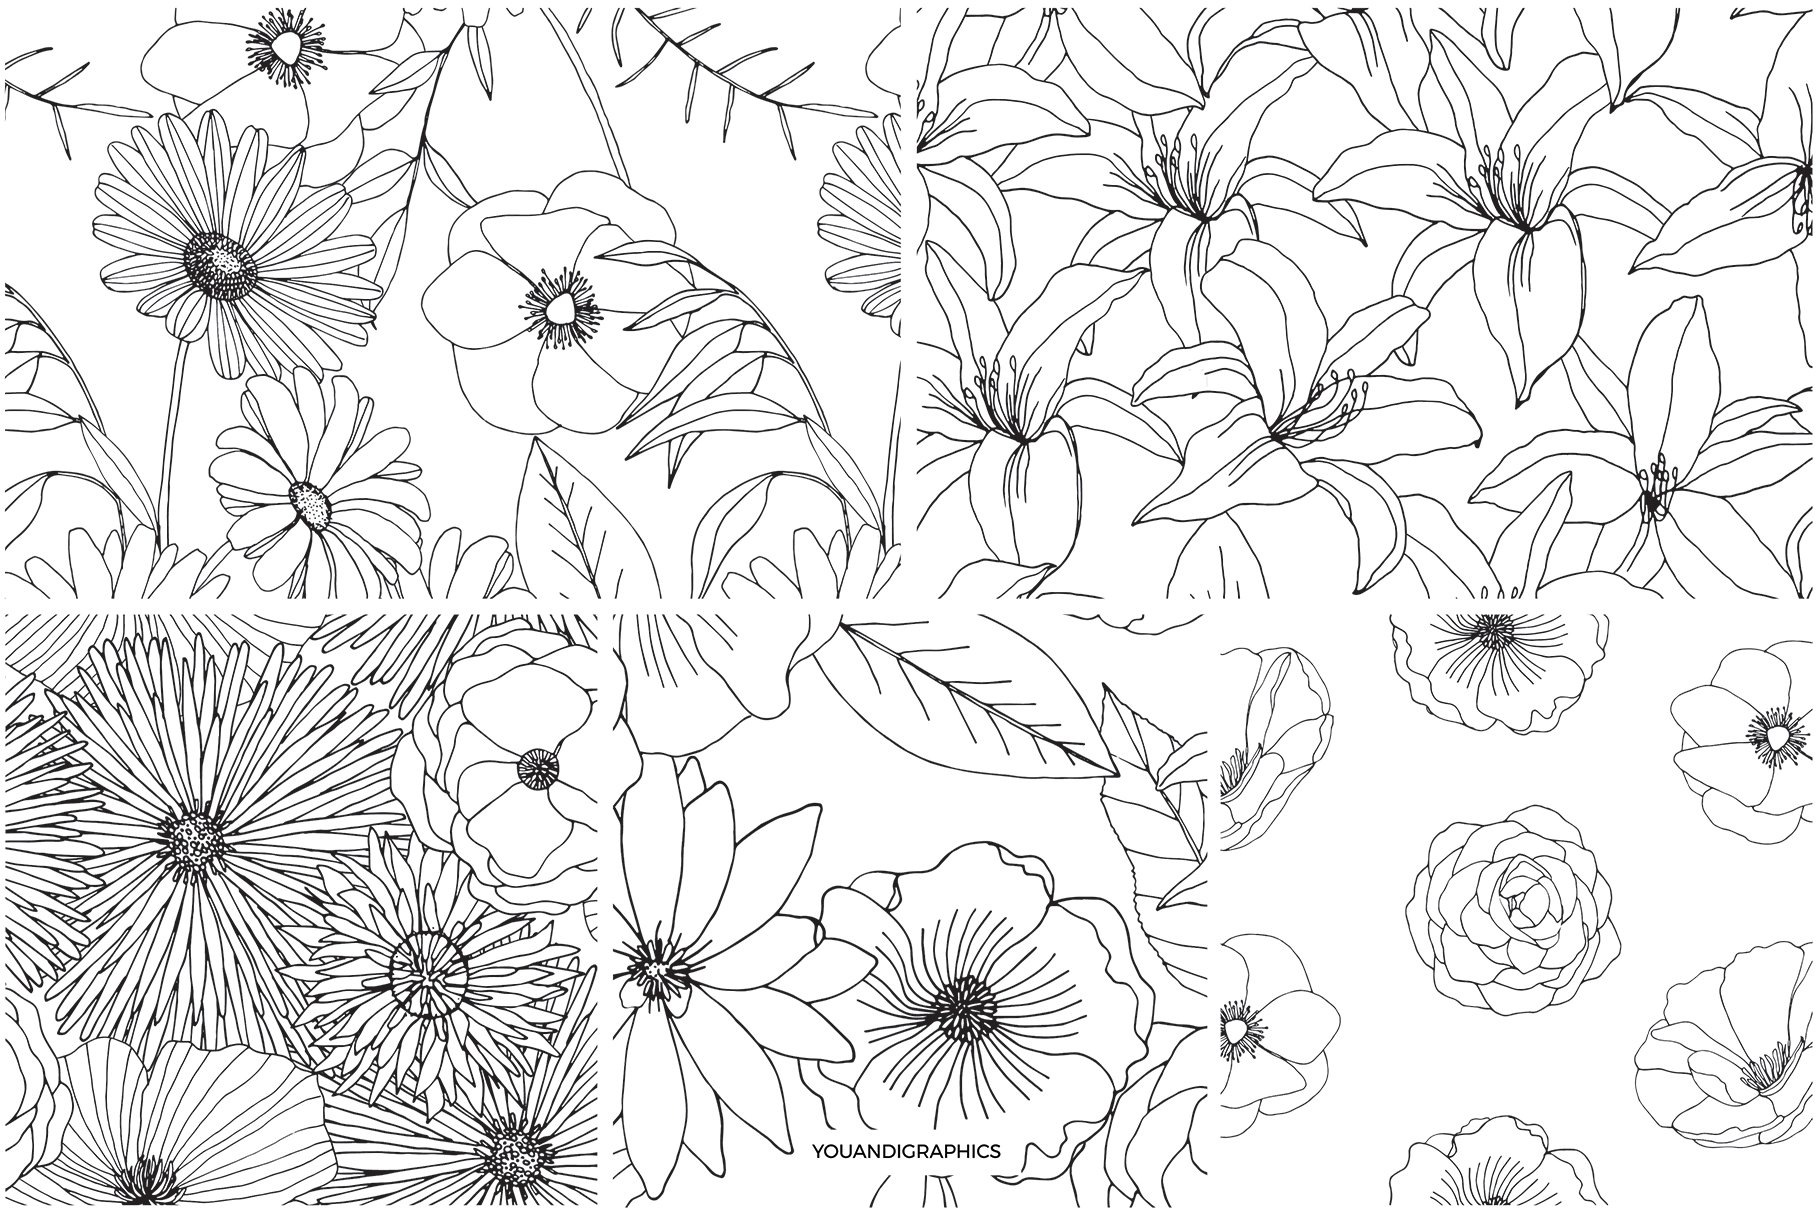 精美手绘花卉花朵无缝隙矢量线稿图案素材 Floral Blast Patterns And Bouquets插图(11)